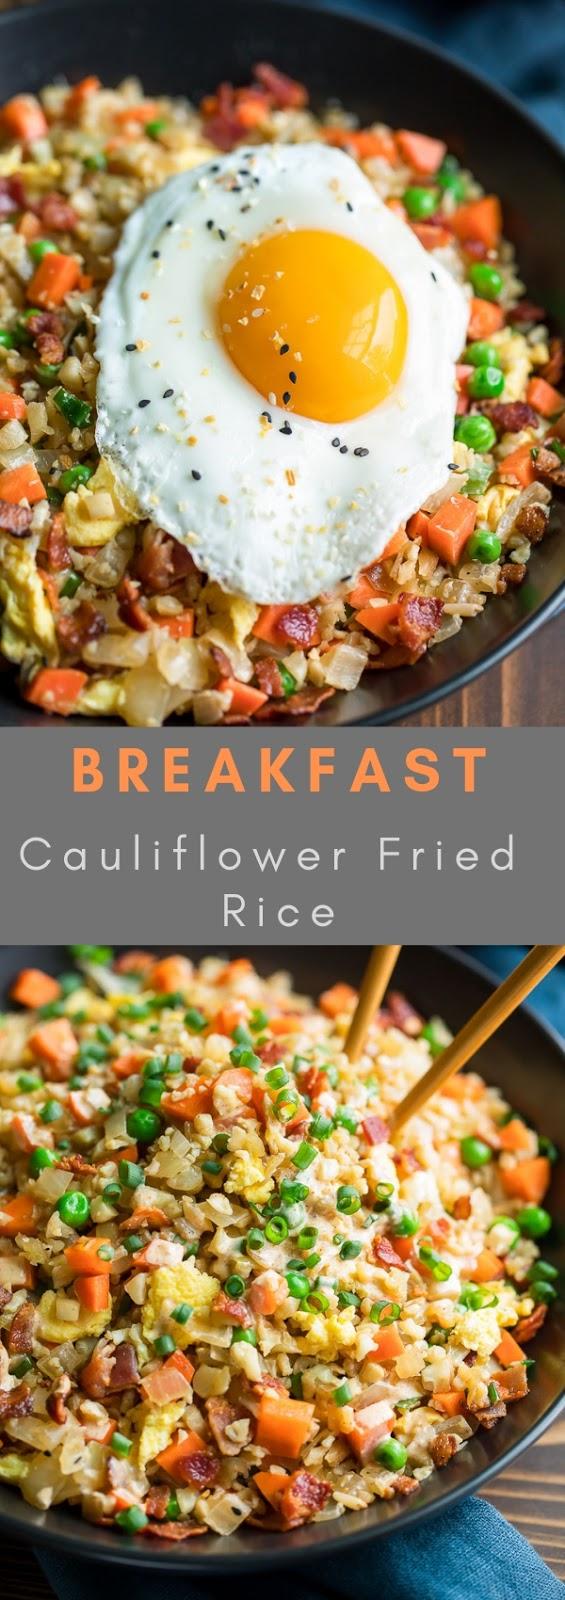 Breakfast Cauliflower Fried Rice #breakfast #bowl #veggie #healthy #cauliflower #fried #rice